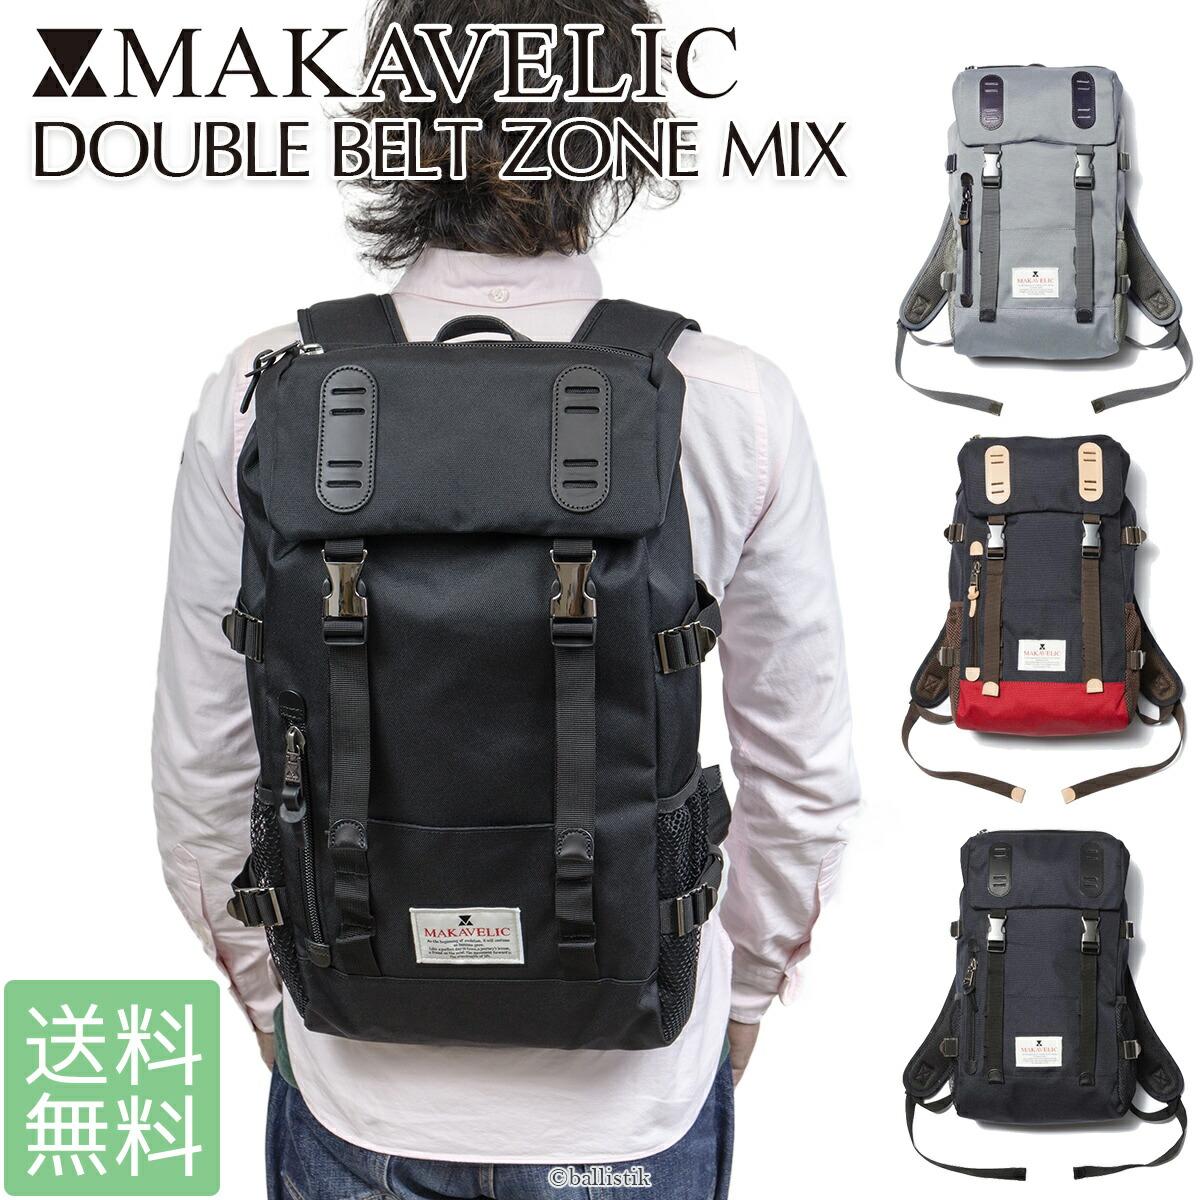 MAKAVELIC/マキャベリック/リュック/デイパック/DOUBLE BELT ZONE MIX/ダブルベルトデイパックゾーンミックス/3106-10118/メイン